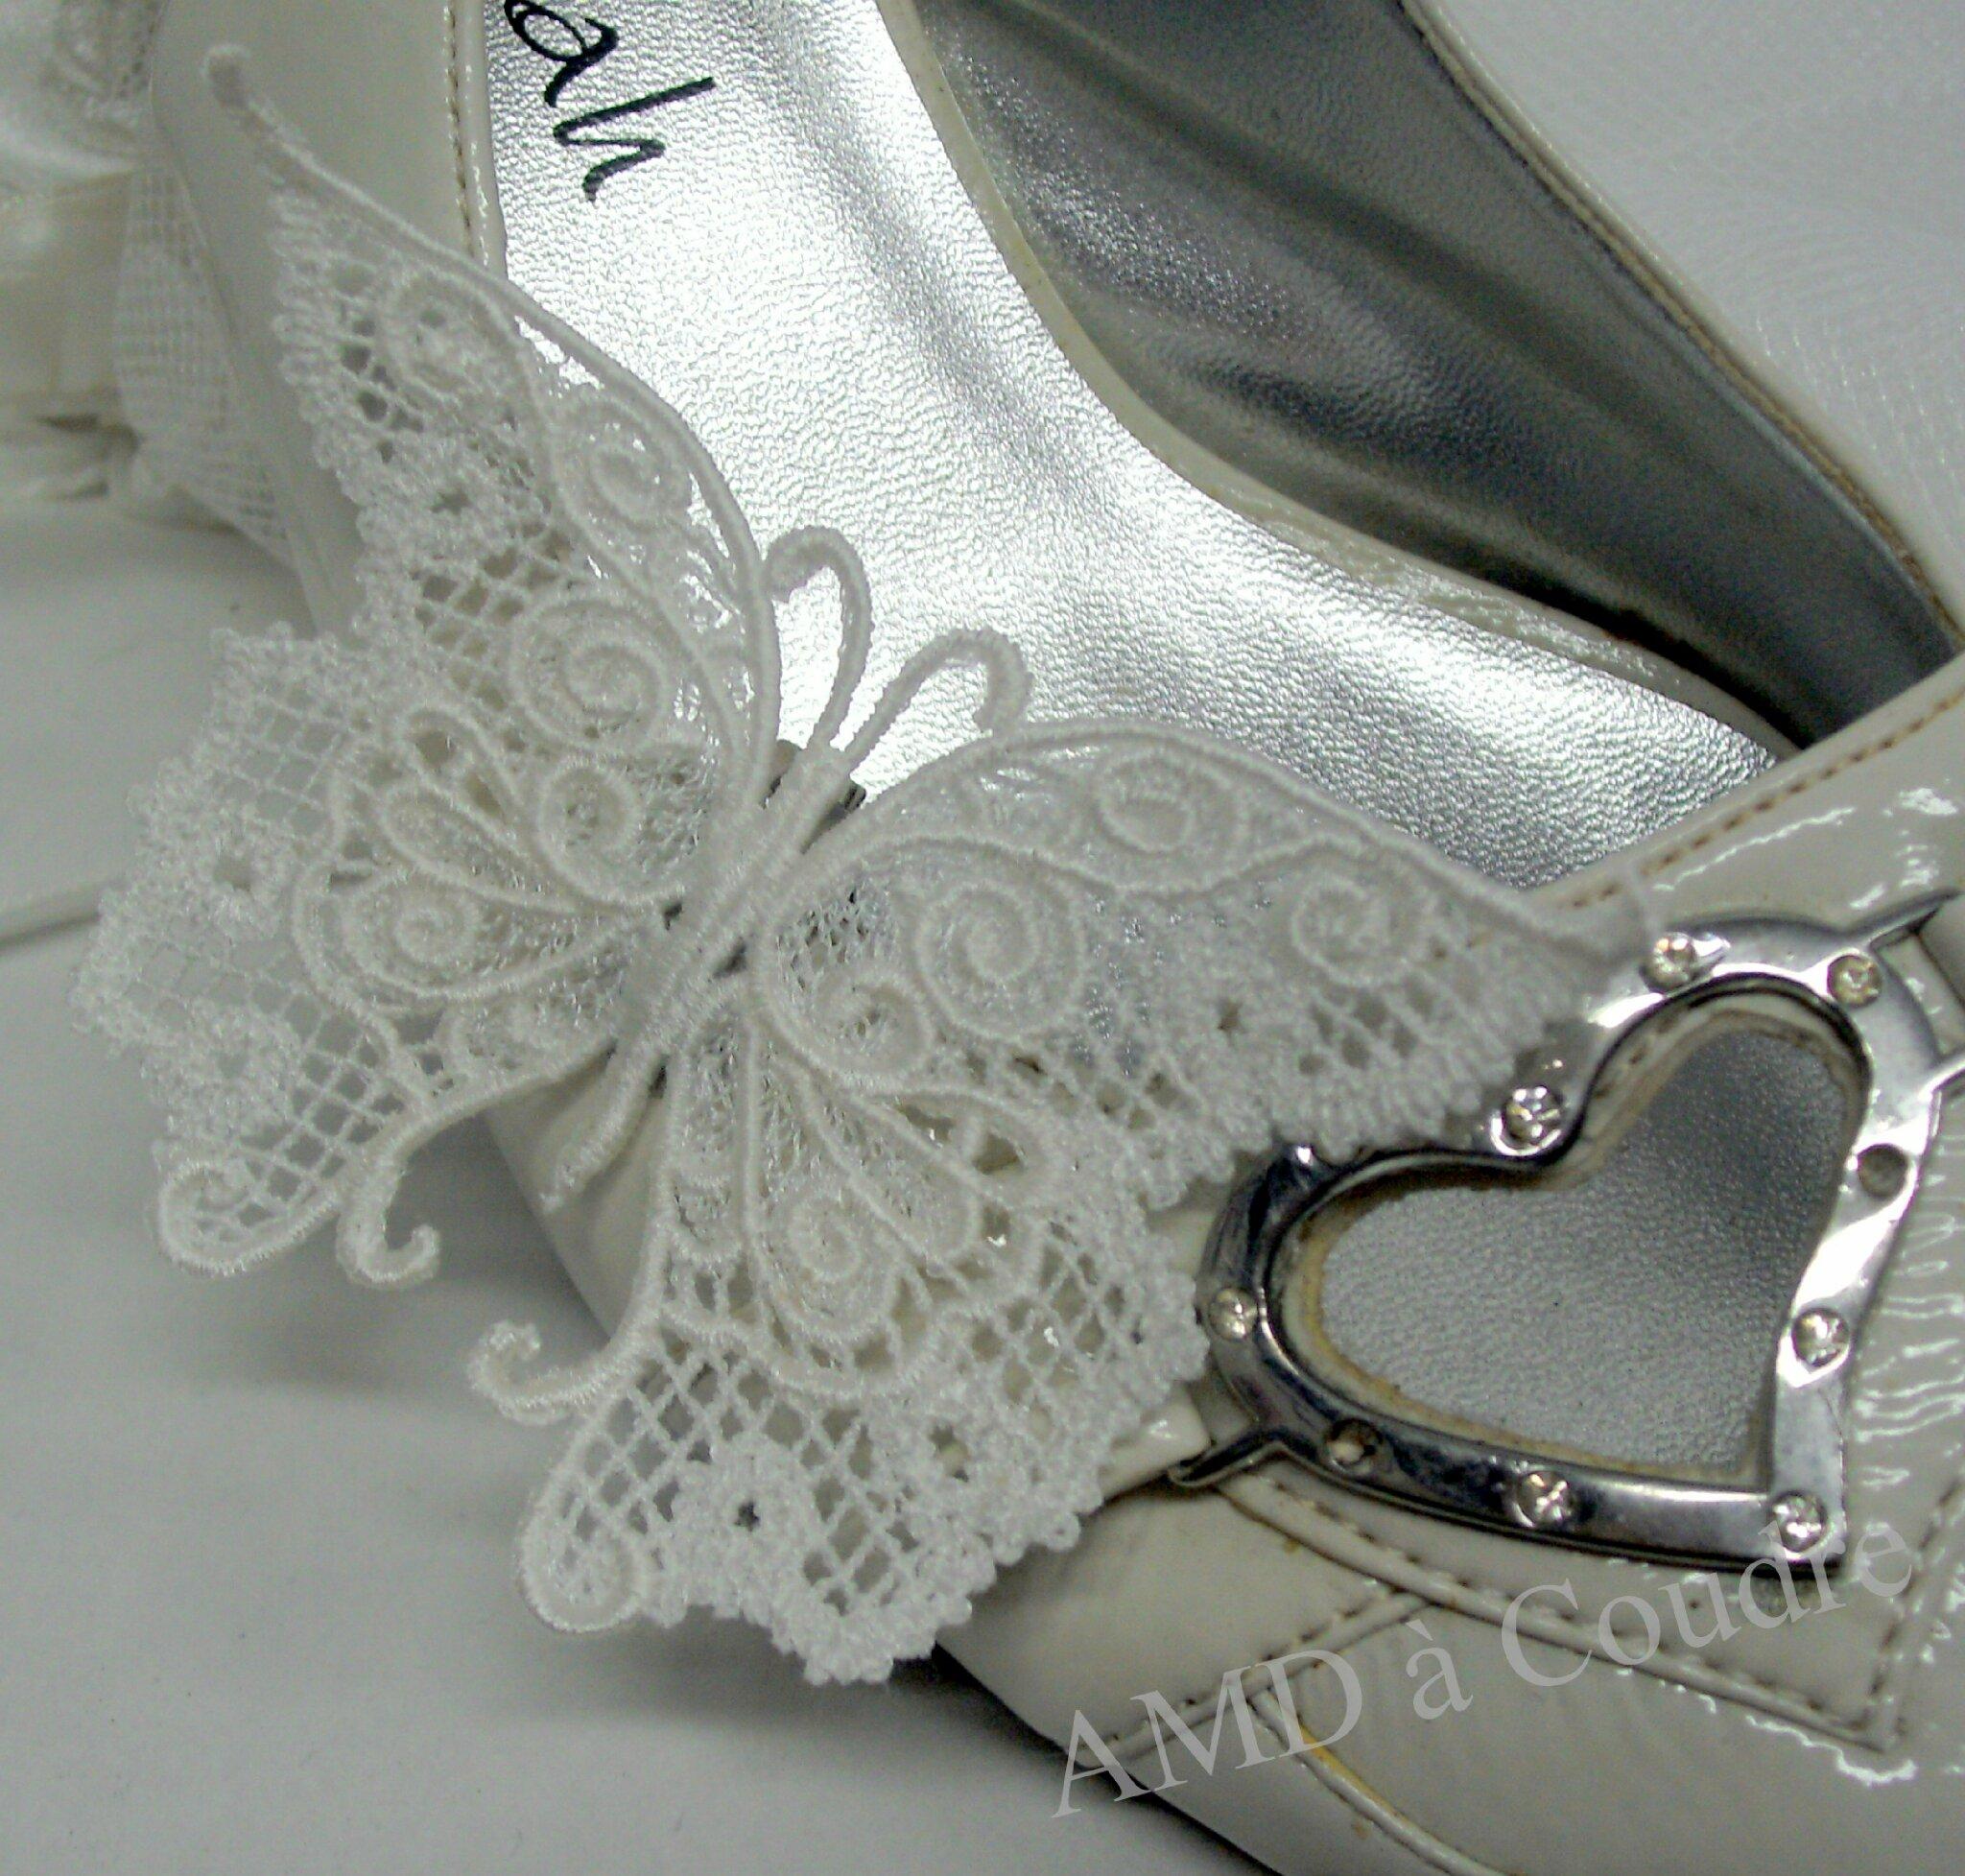 bijoux de chaussures pour mariées papillon blanc broderie amd a coudre (14)